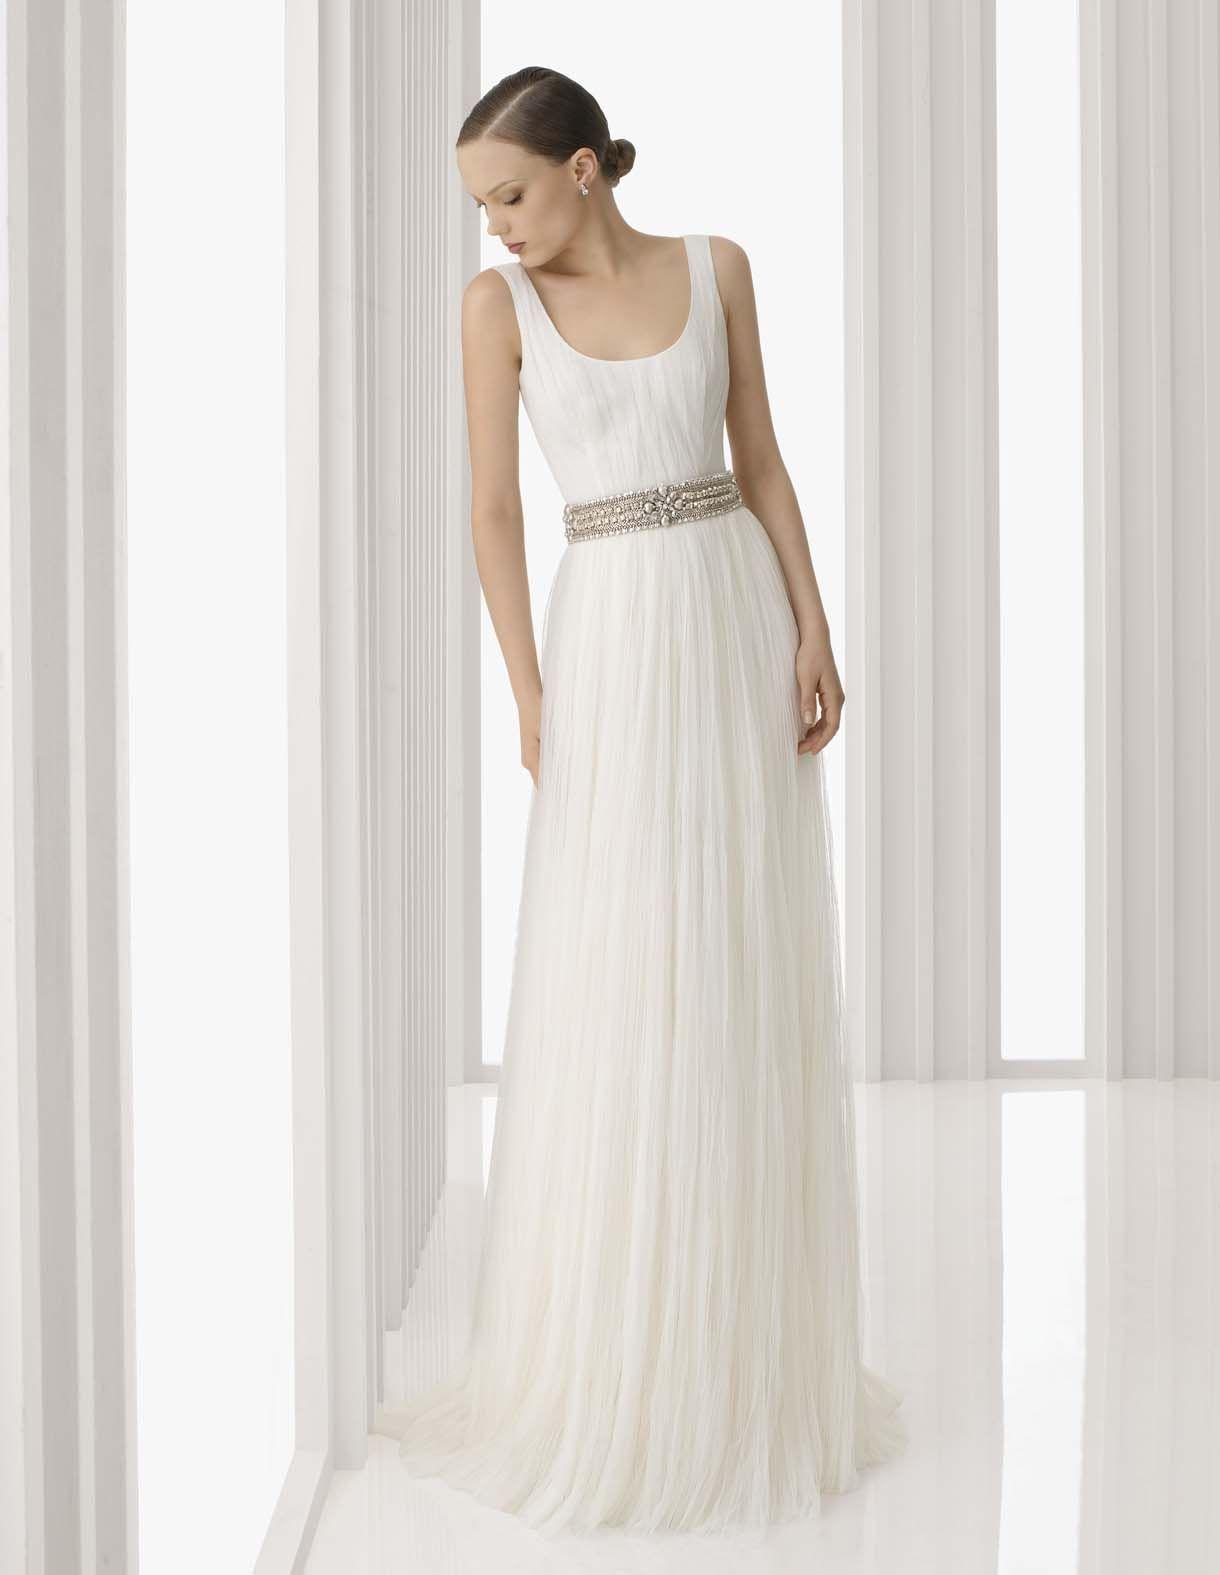 Arte rosa clará simple sheath sleeveless wedding dress with